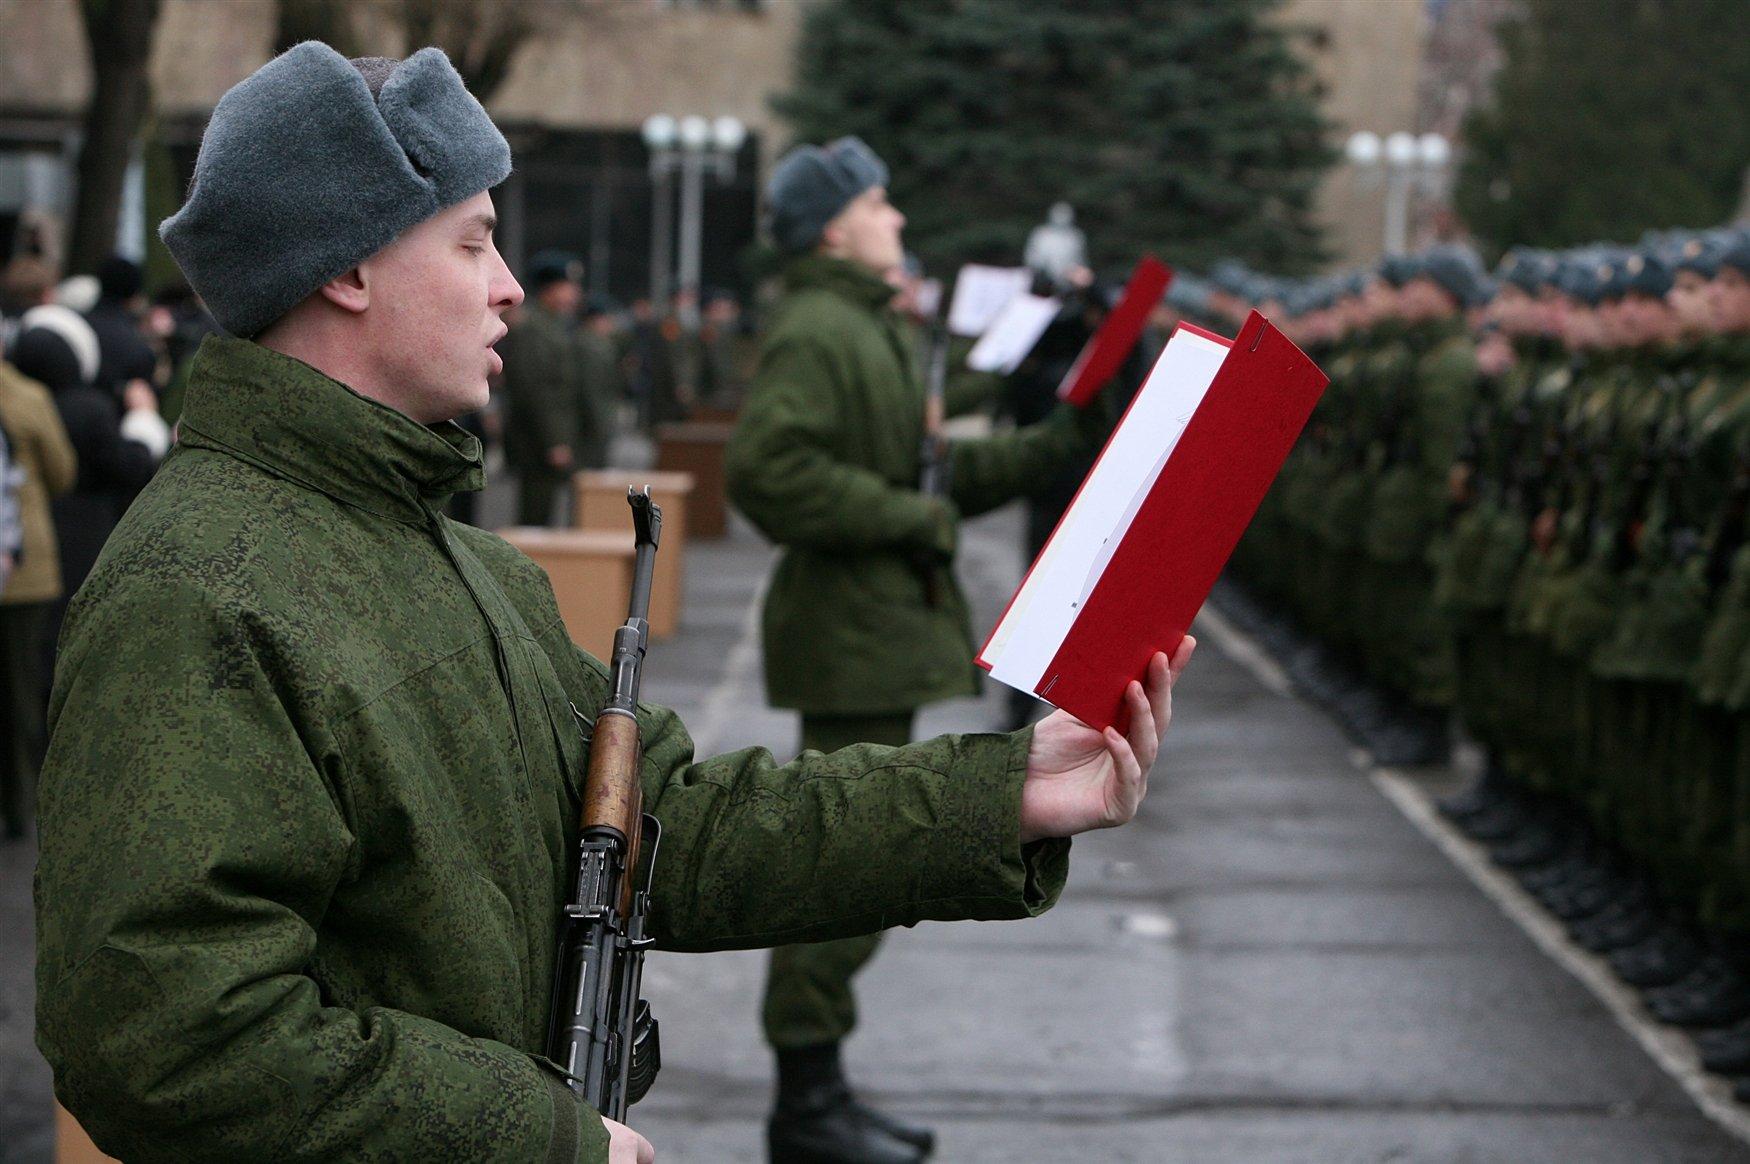 Картинки для солдата в армию